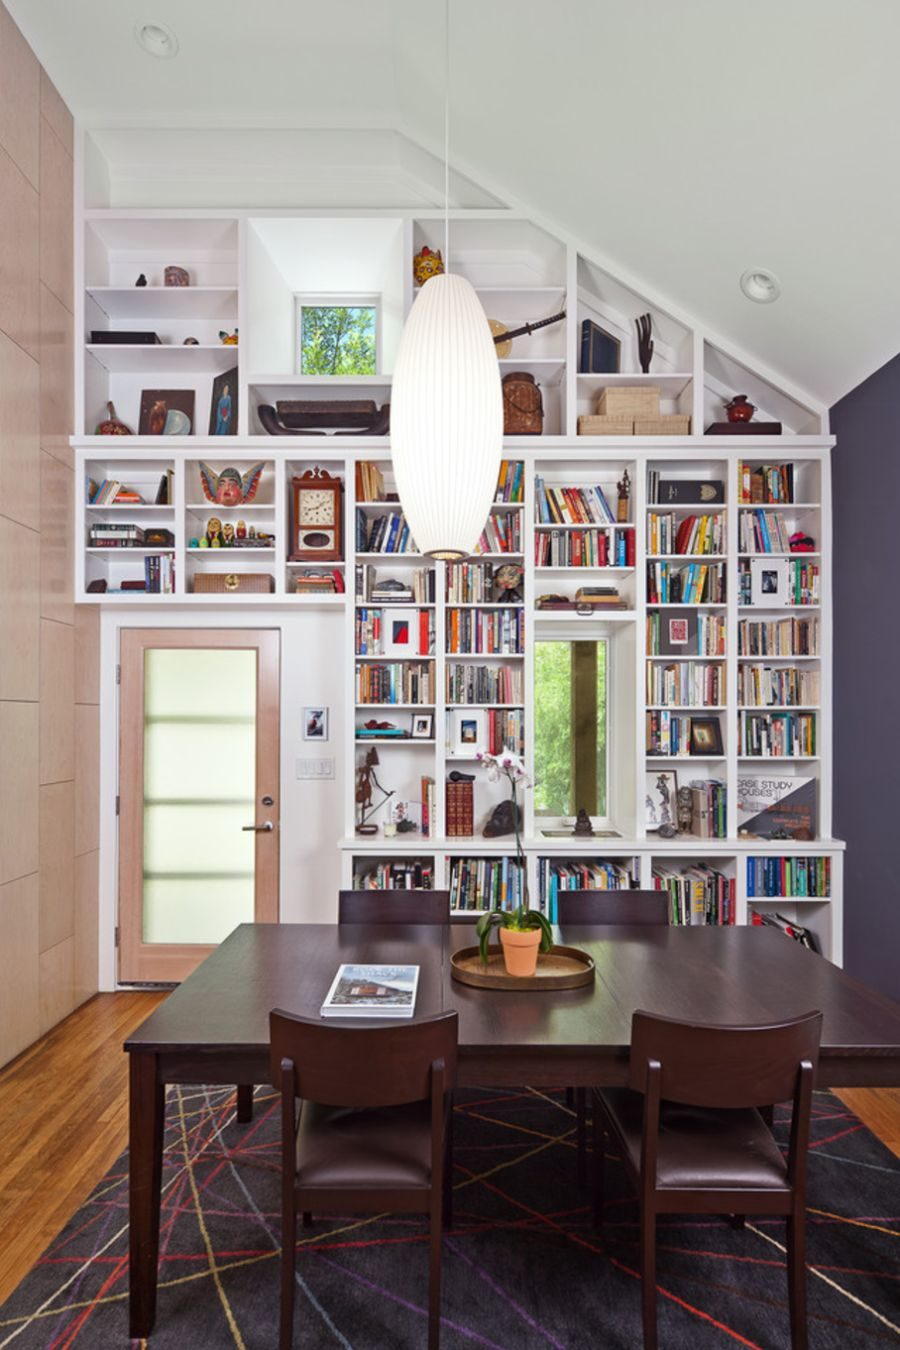 23 Built-In Bookshelves | Home Interior Design | Shelving